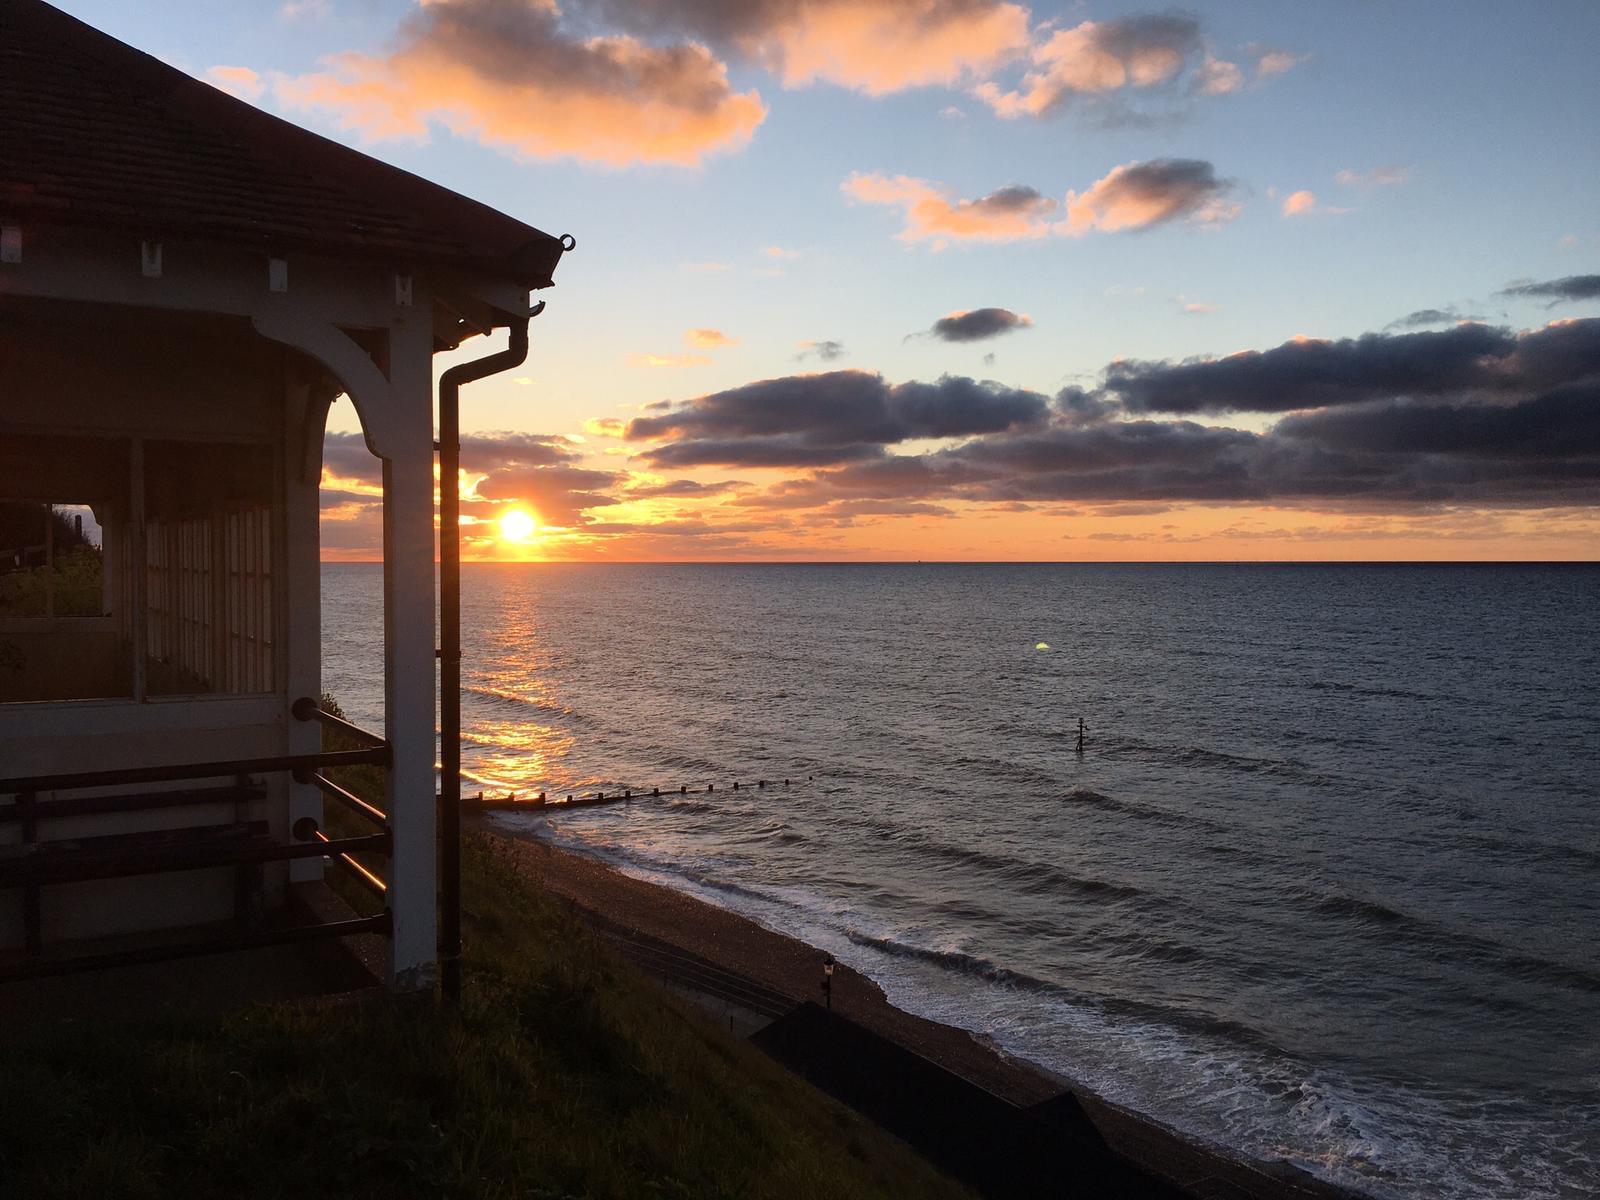 Sunset in North Norfolk